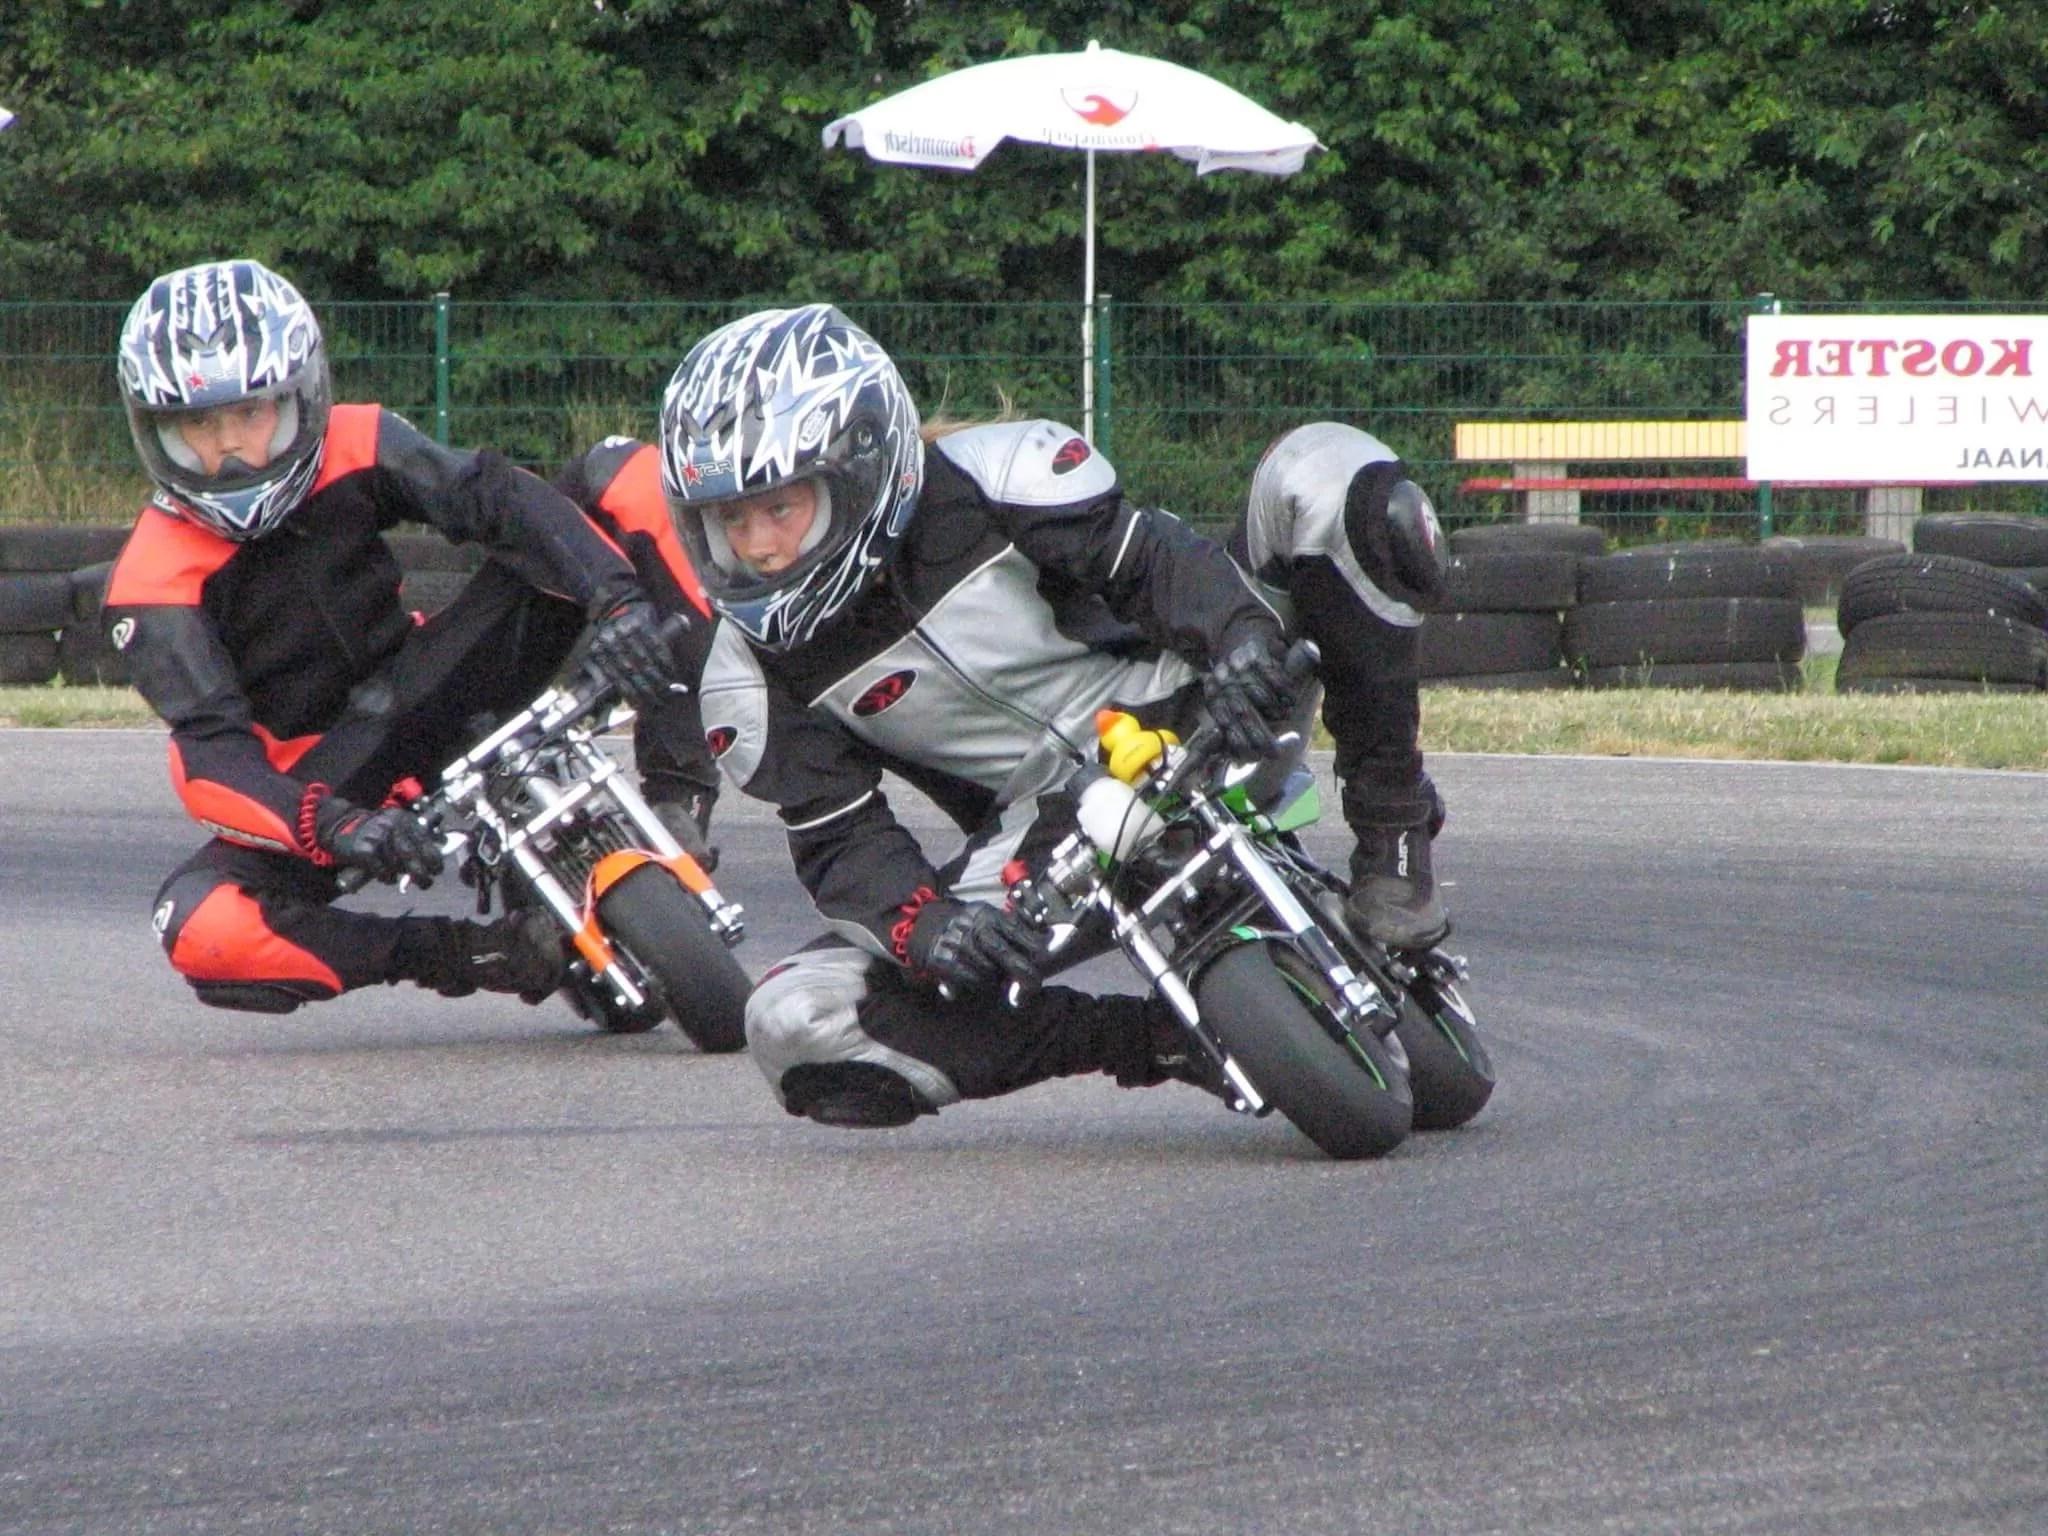 mini moto occasion mini moto 125 mini moto honda mini moto cross mini moto honda 50cc mini moto 50cc mini moto pas cher mini moto monkey